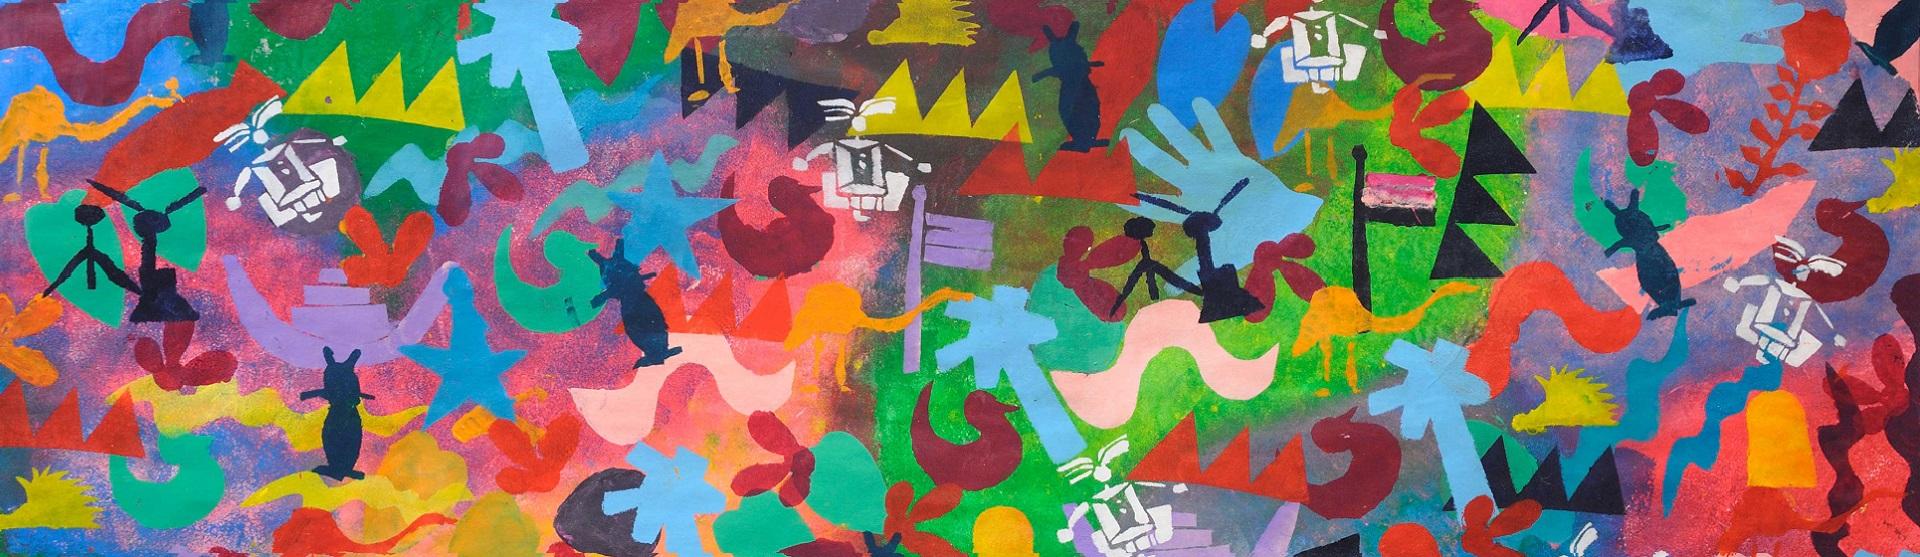 Graffiti di bambini